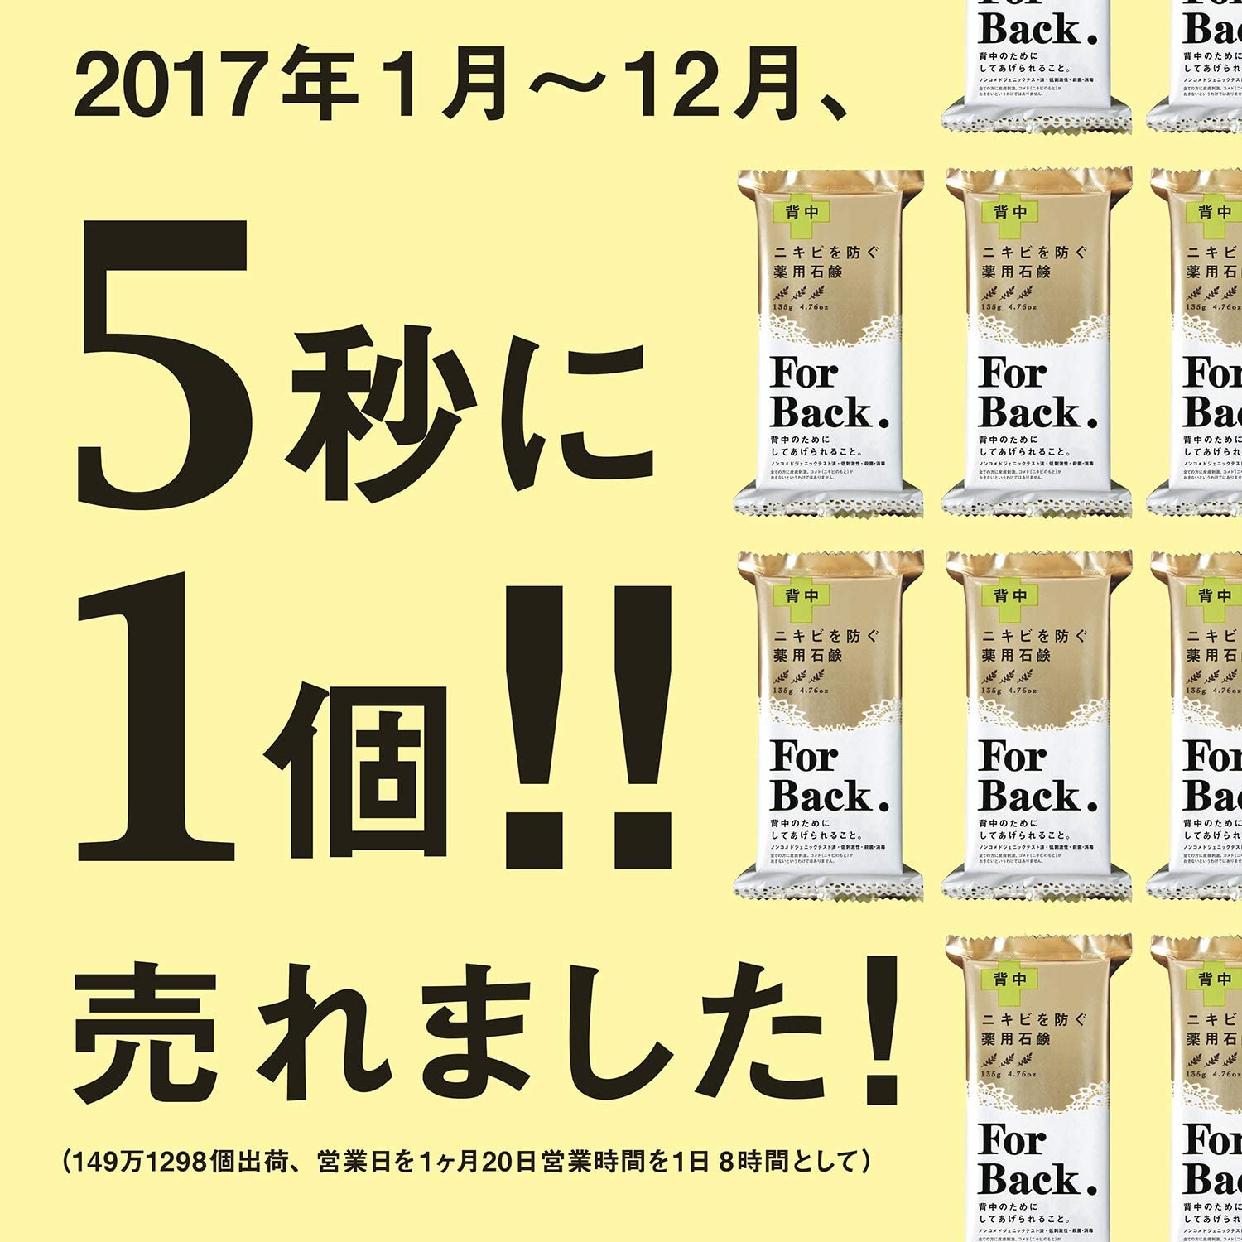 ペリカン石鹸(PELICAN SOAP) 薬用石鹸 For Backの商品画像3